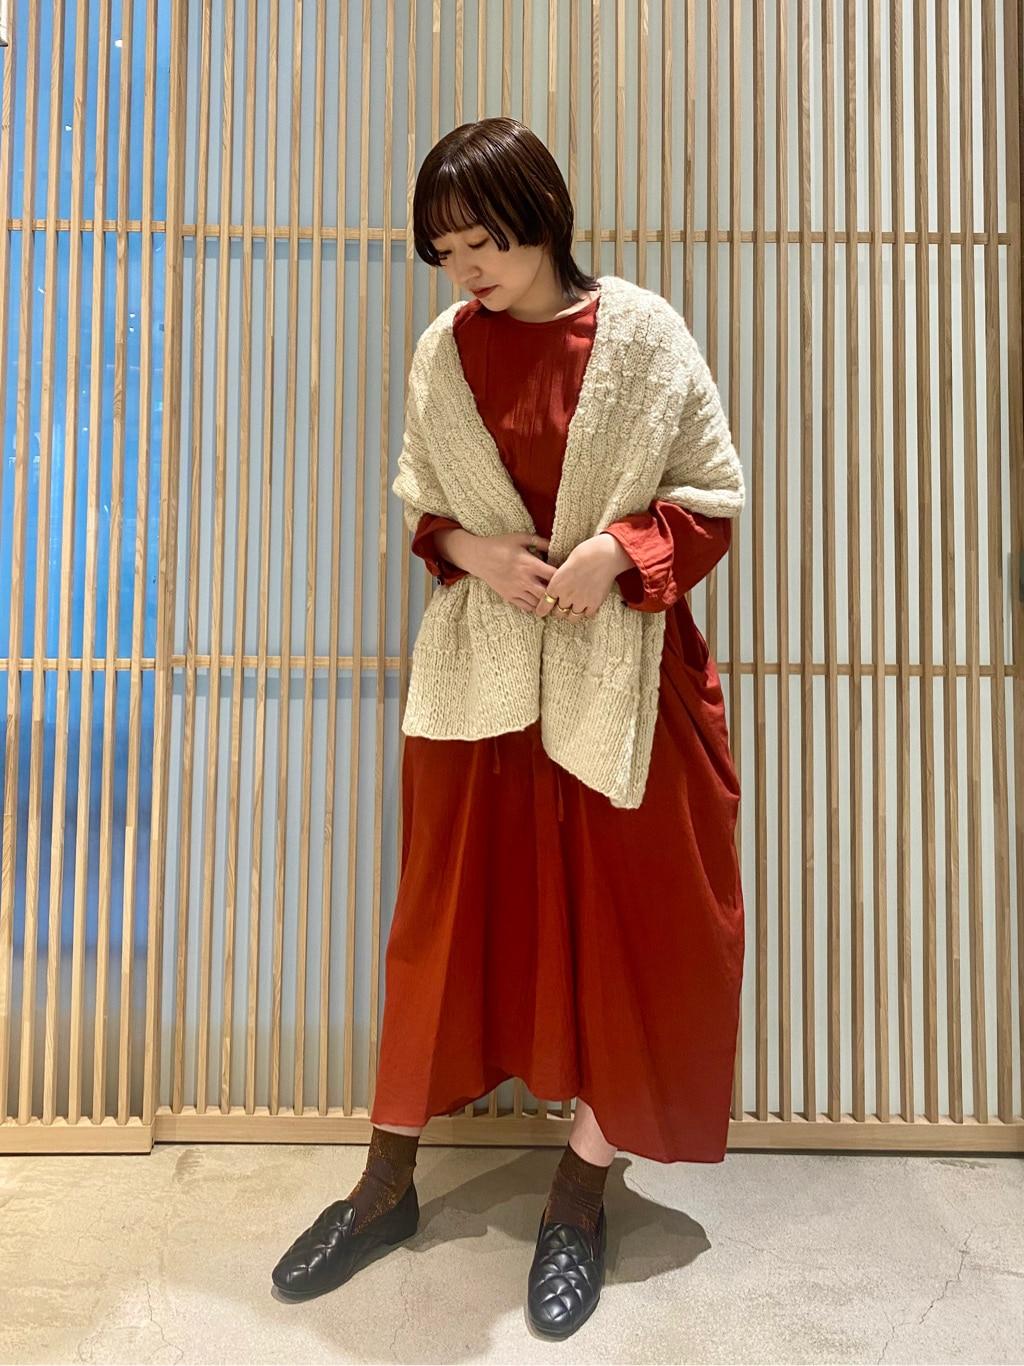 ルクア大阪 2020.12.08